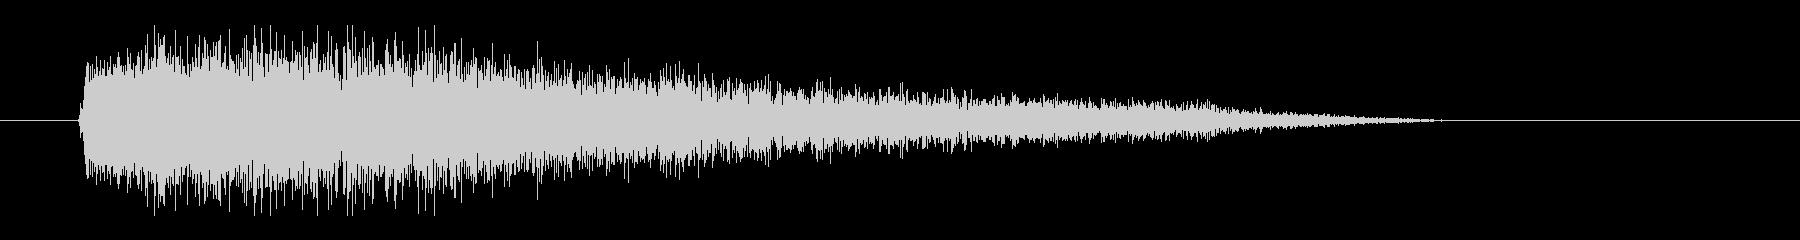 レーザー音-93-3の未再生の波形